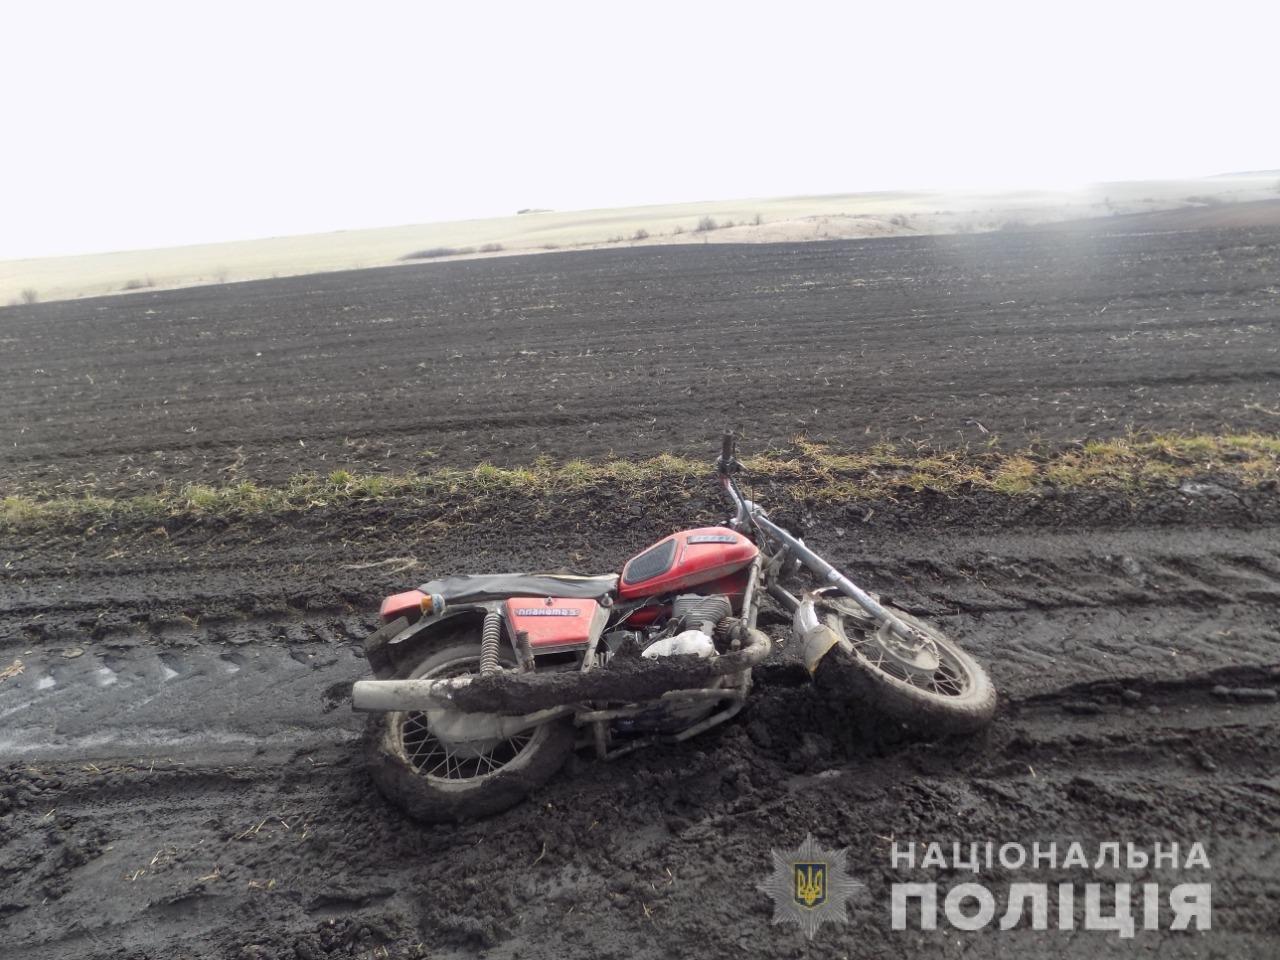 В Одесской области подростку грозит до 8 лет тюрьмы из-за кражи мотоцикла, - ФОТО, фото-2